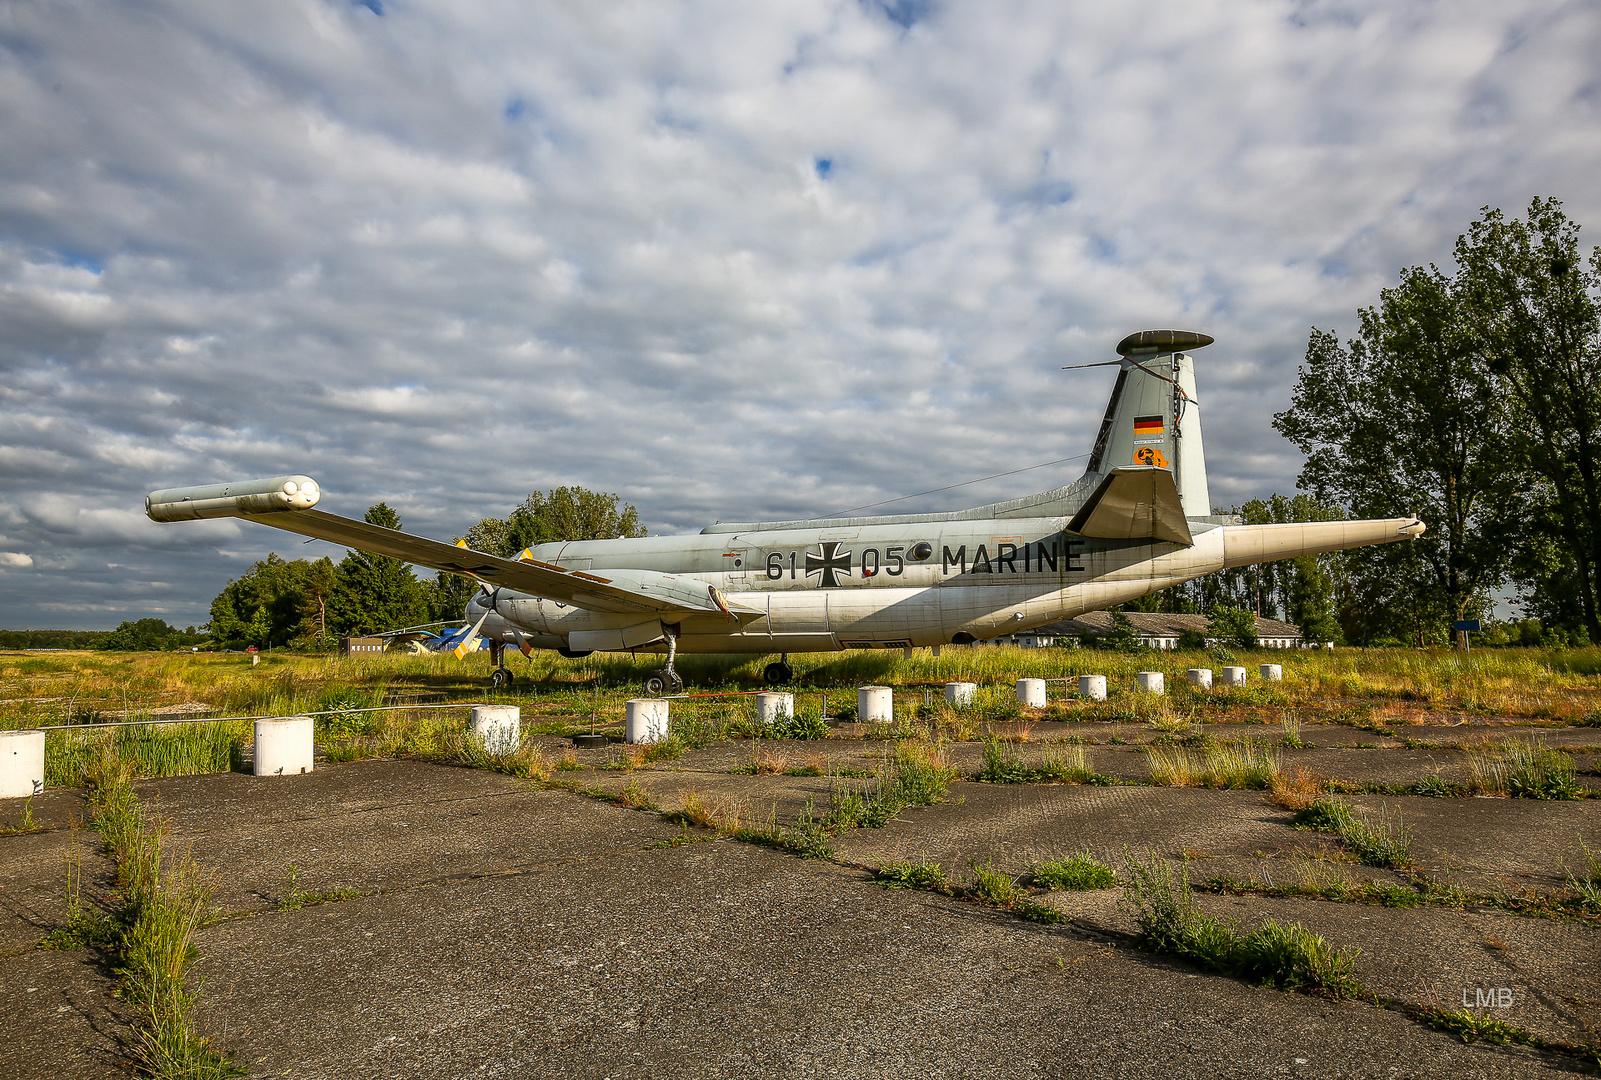 Auf luftfahrthistorischem Boden